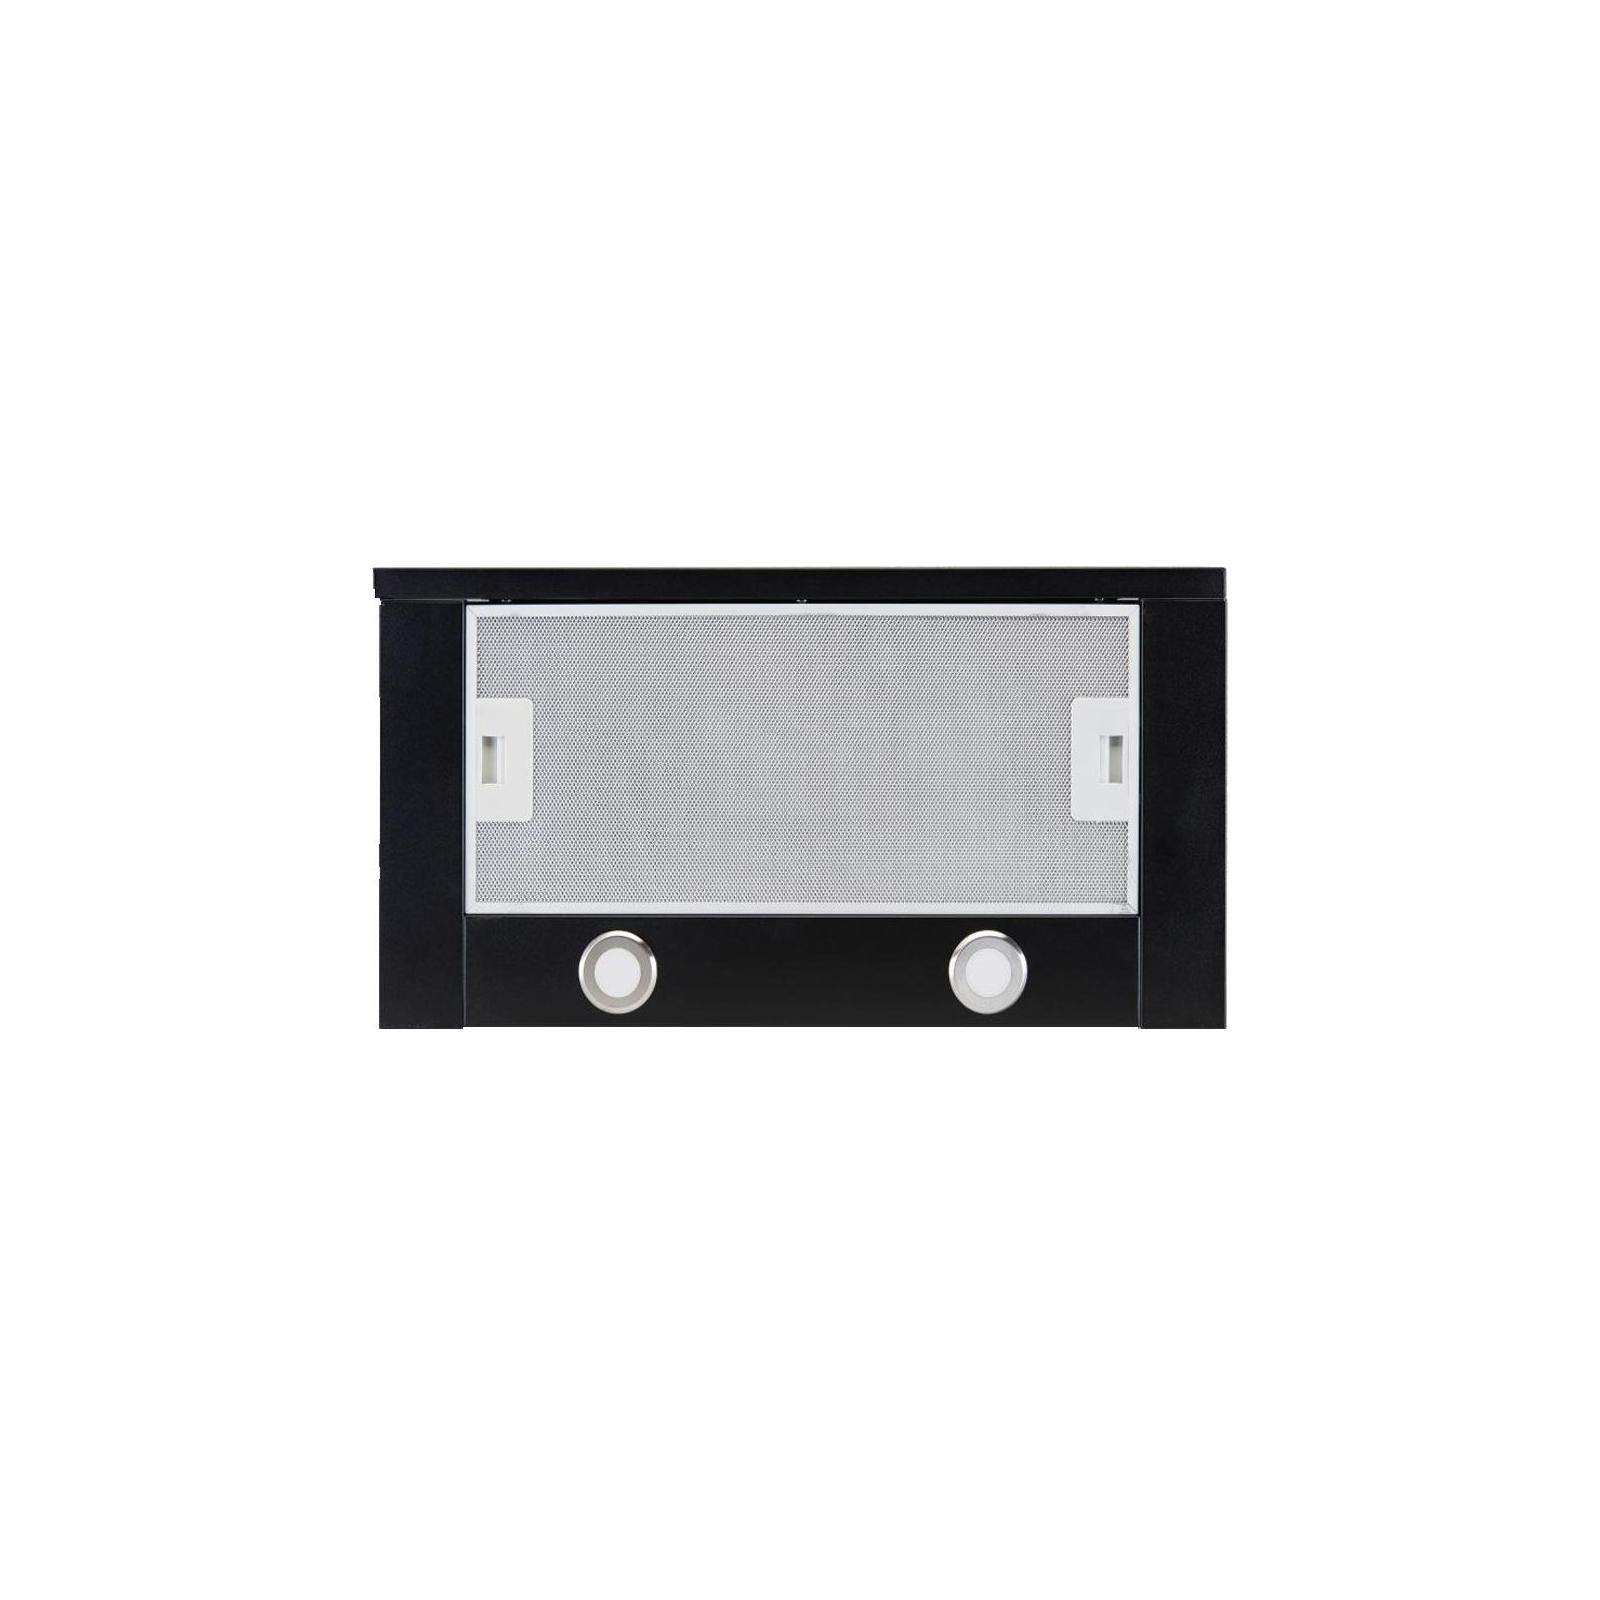 Вытяжка кухонная MINOLA HTL 6112 BL 650 LED изображение 3